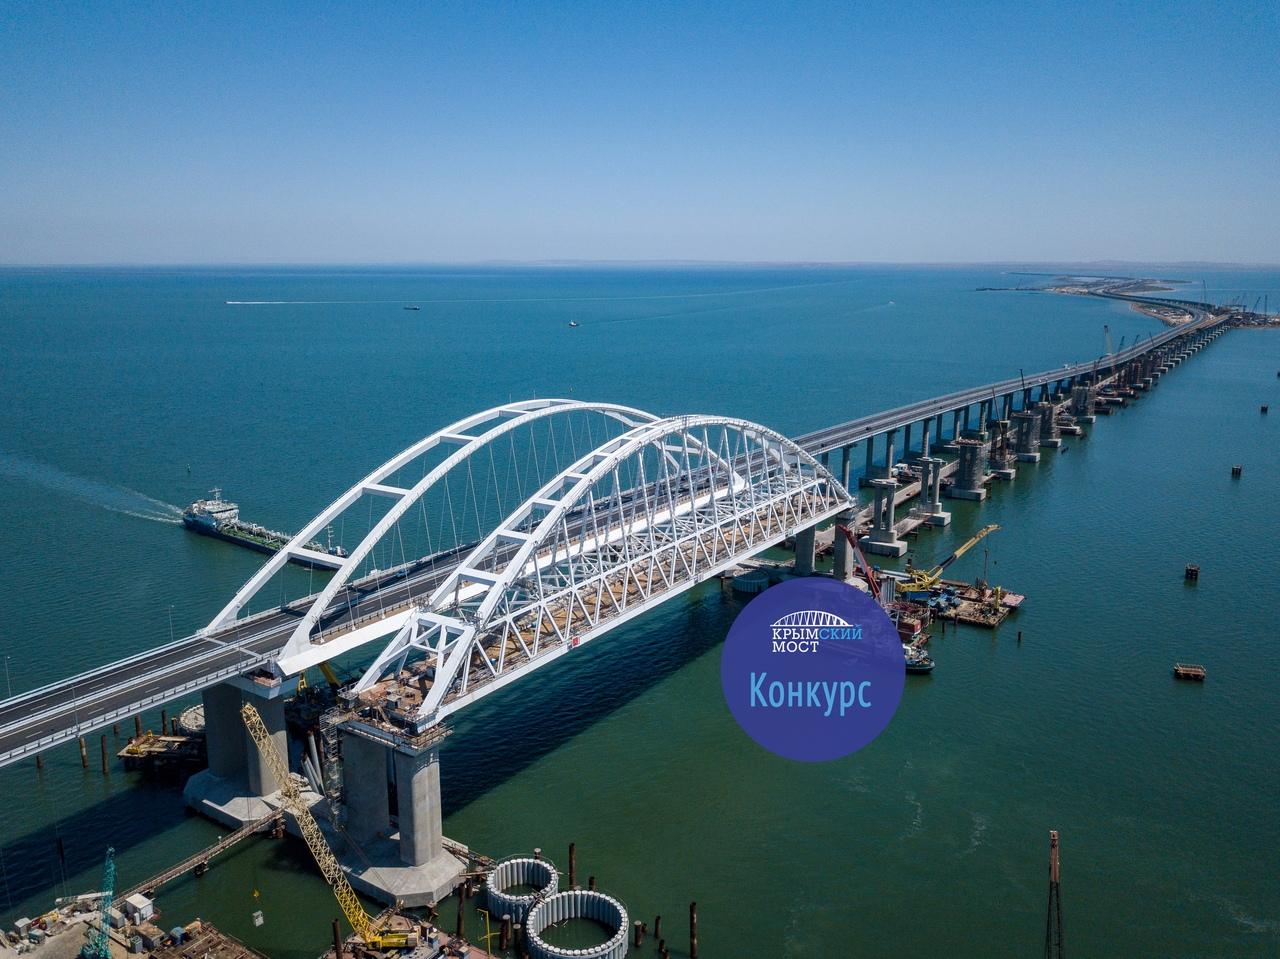 шевель фото проекта керченского моста расположен туристическом